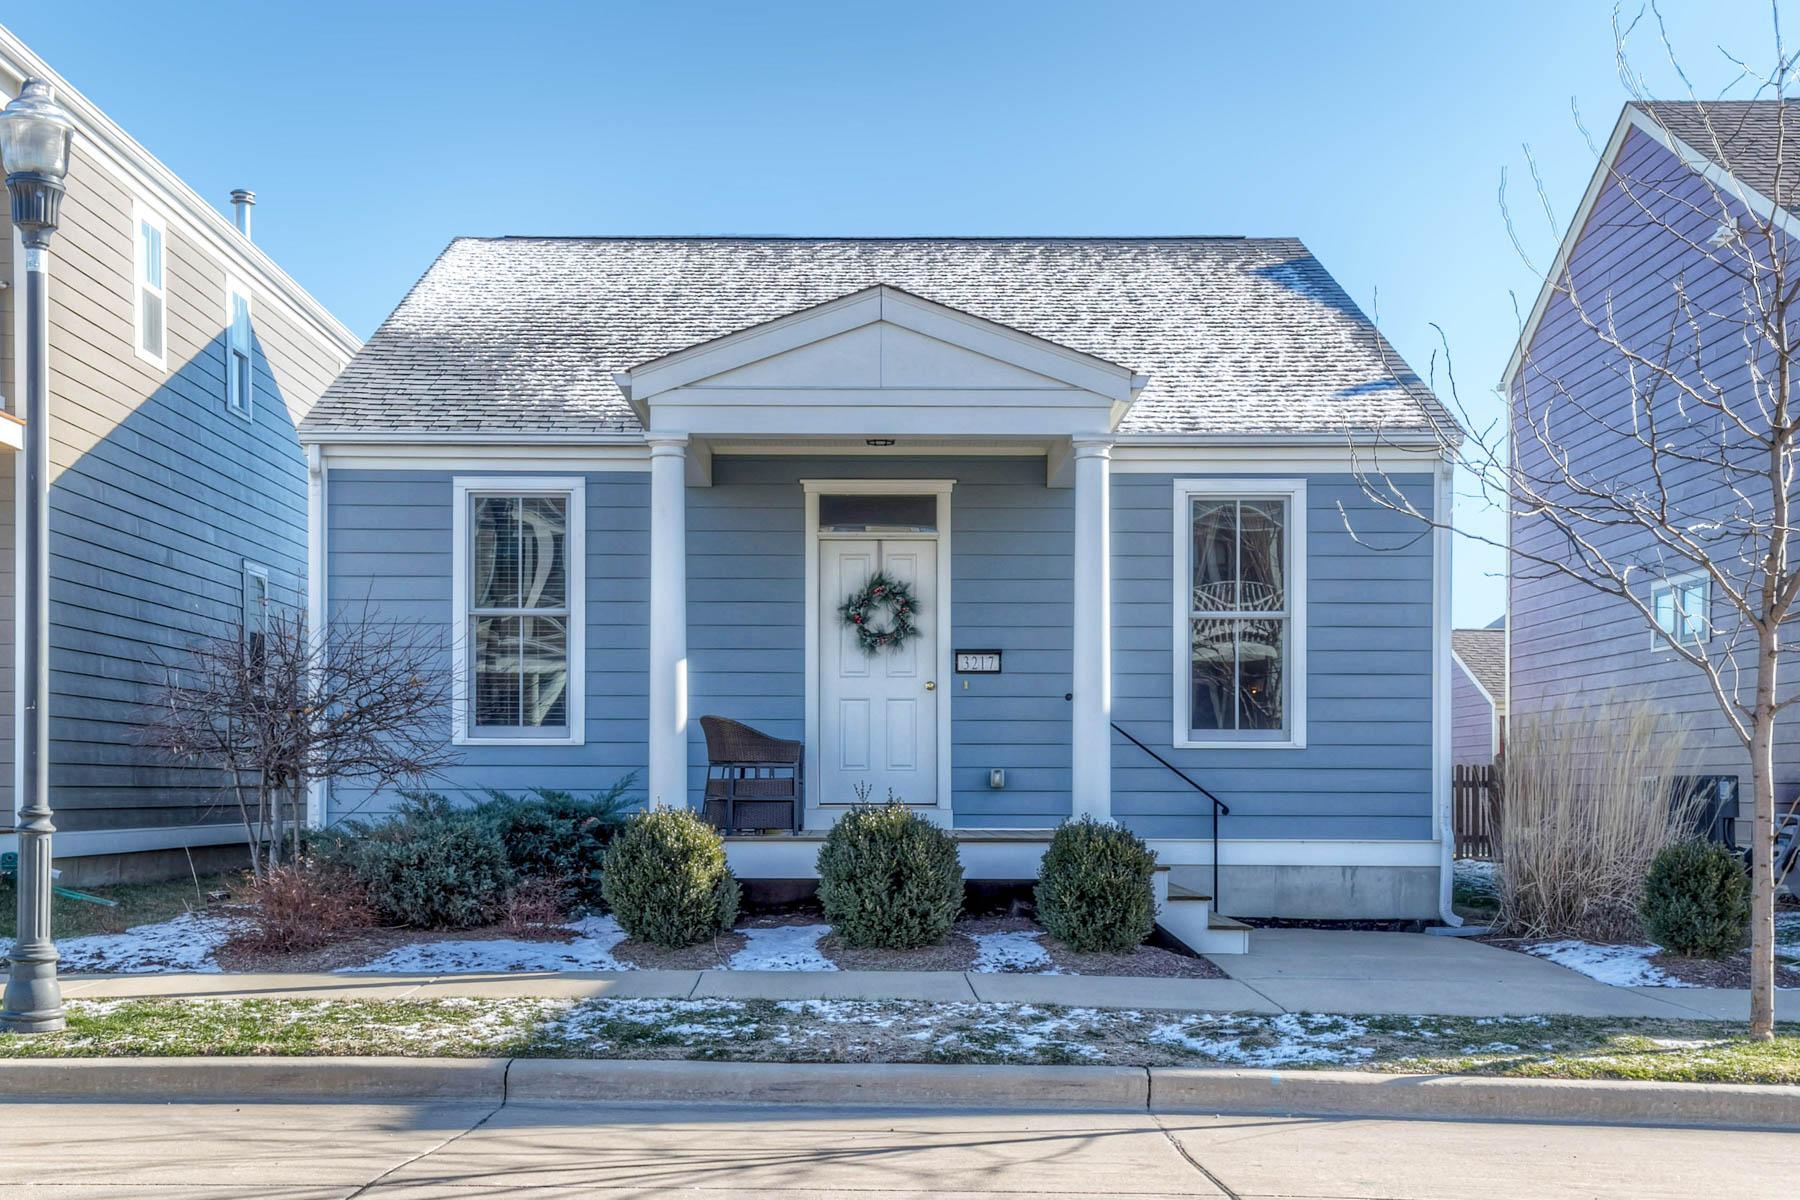 獨棟家庭住宅 為 出售 在 Tiber 3217 Tiber St. Charles, 密蘇里州 63301 美國